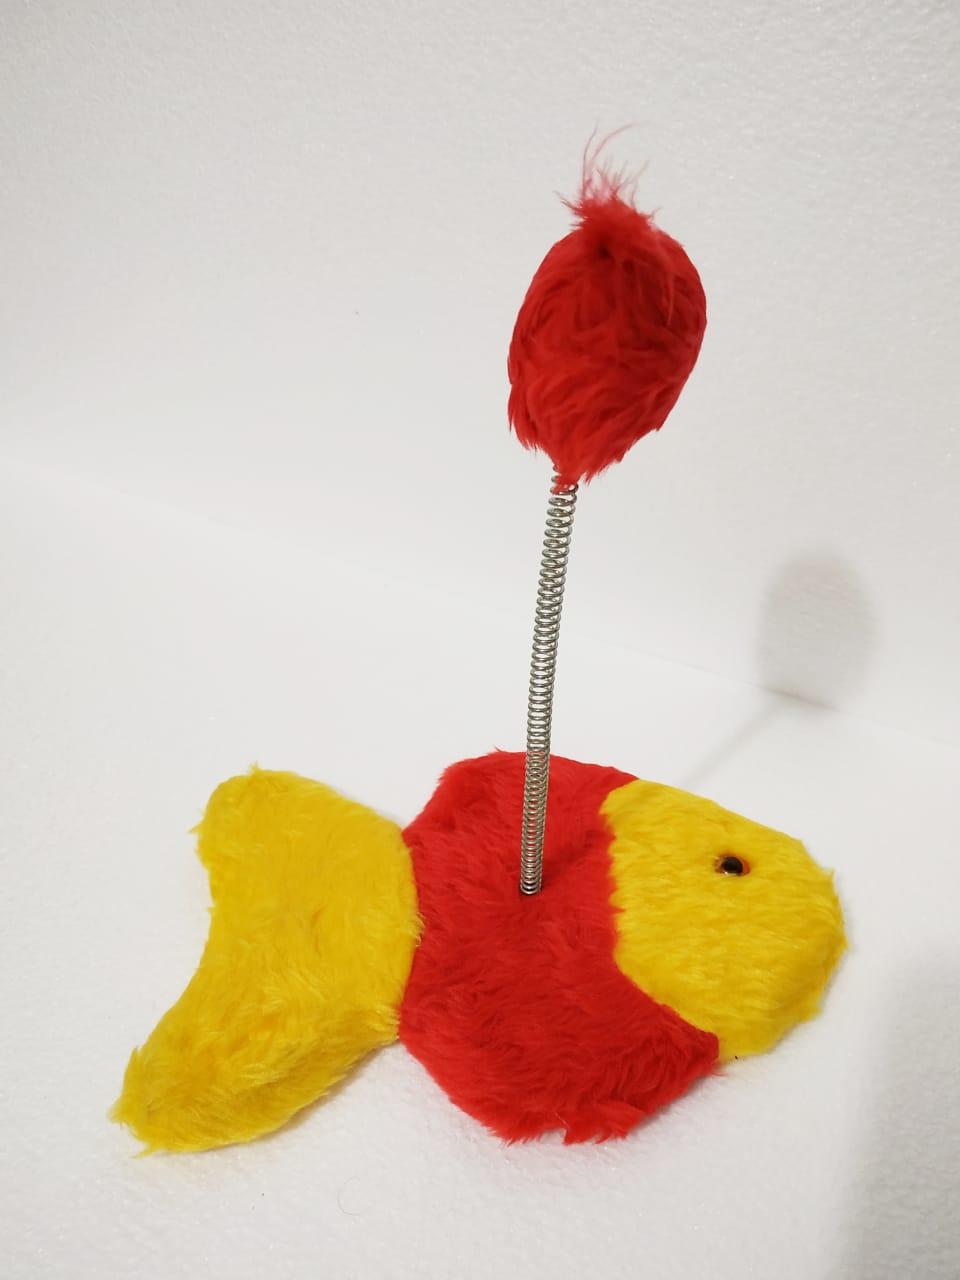 Brinquedo Para Gato Interativo Com Bolinha  - FISHPET Comércio de Acessórios para Animais Ltda.